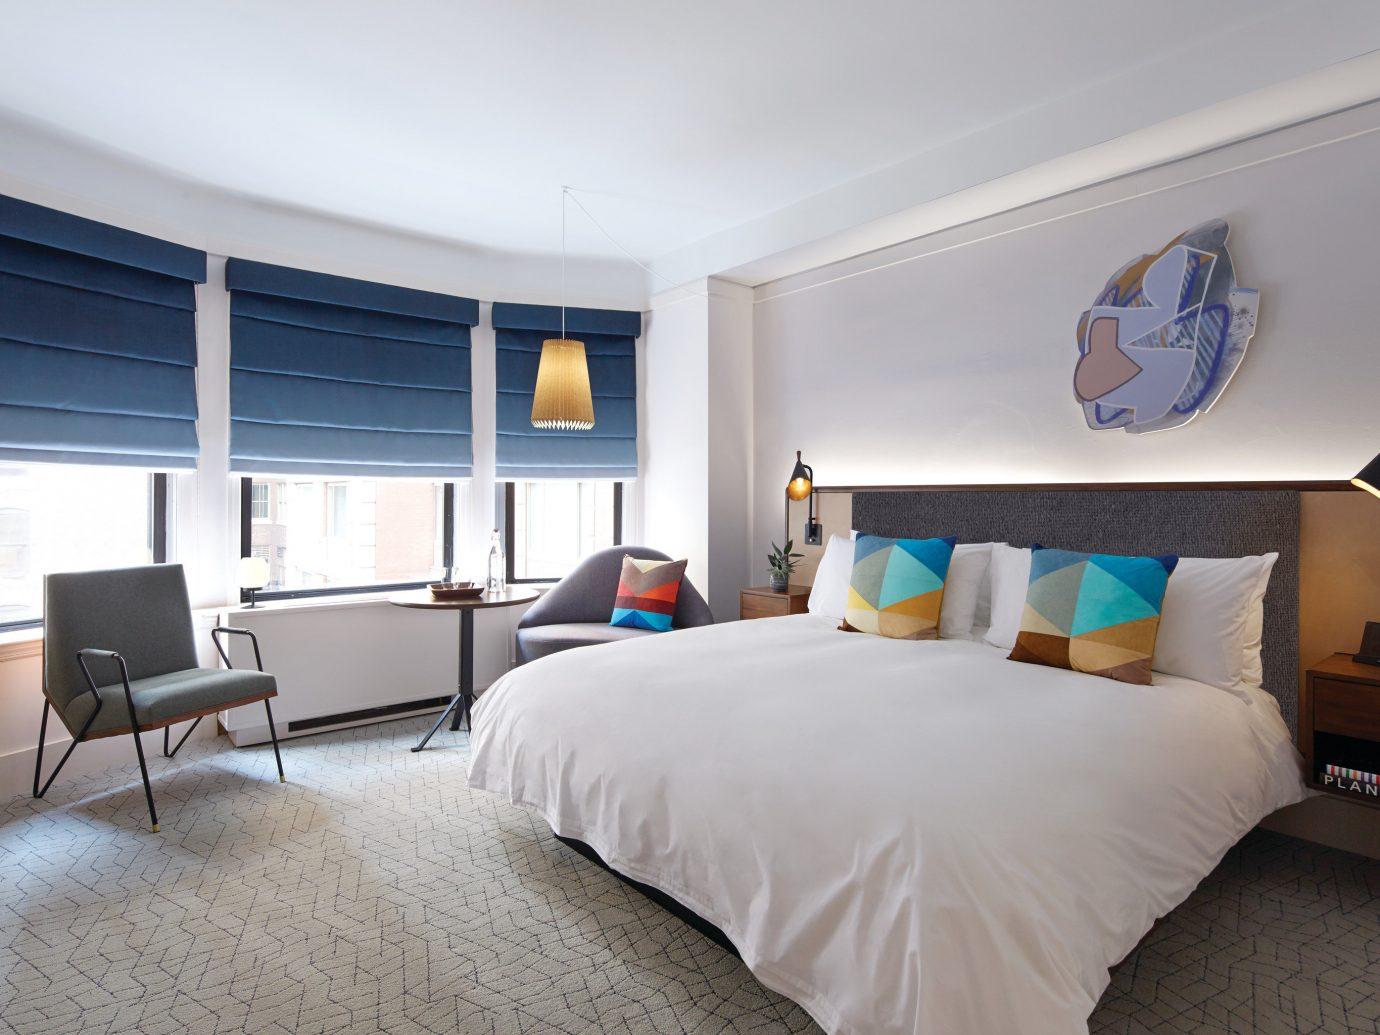 Hotels indoor bed wall floor room ceiling property Bedroom real estate interior design scene home Suite window estate hotel